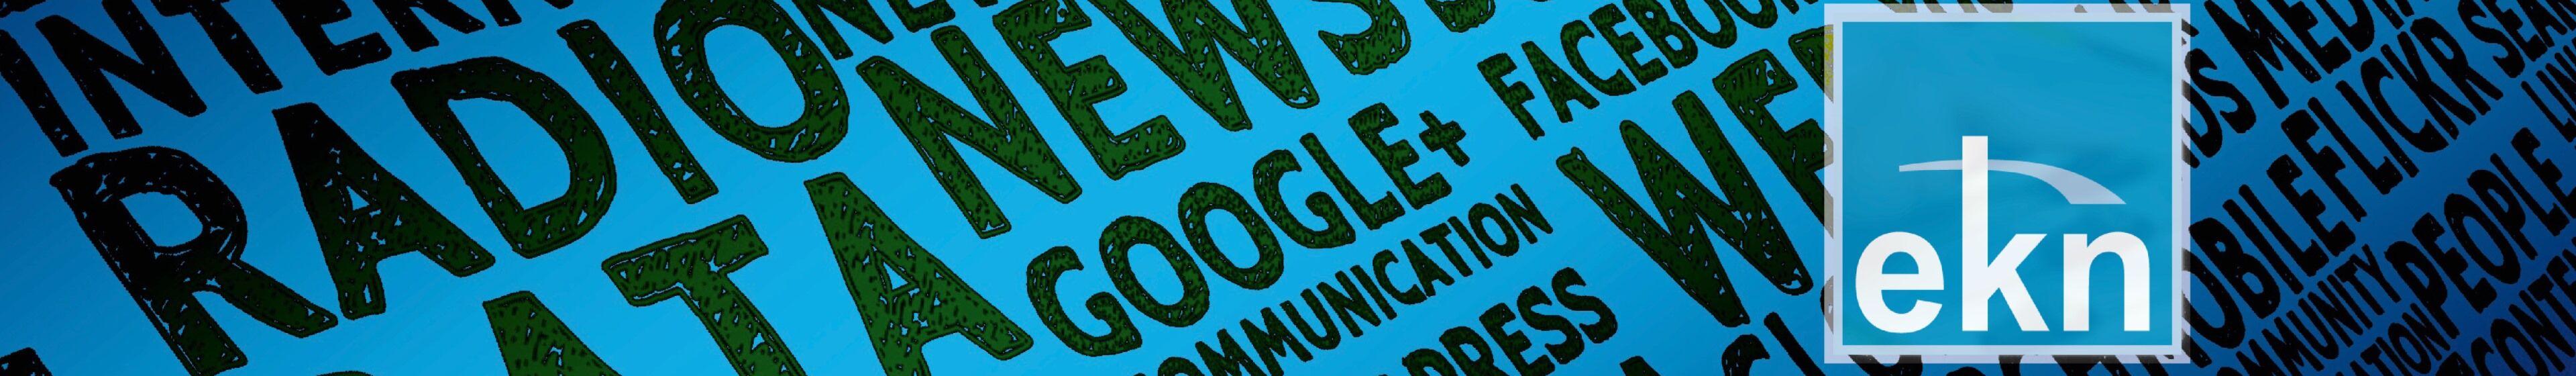 Wordcloud_Radio_ekn_groß_rechts